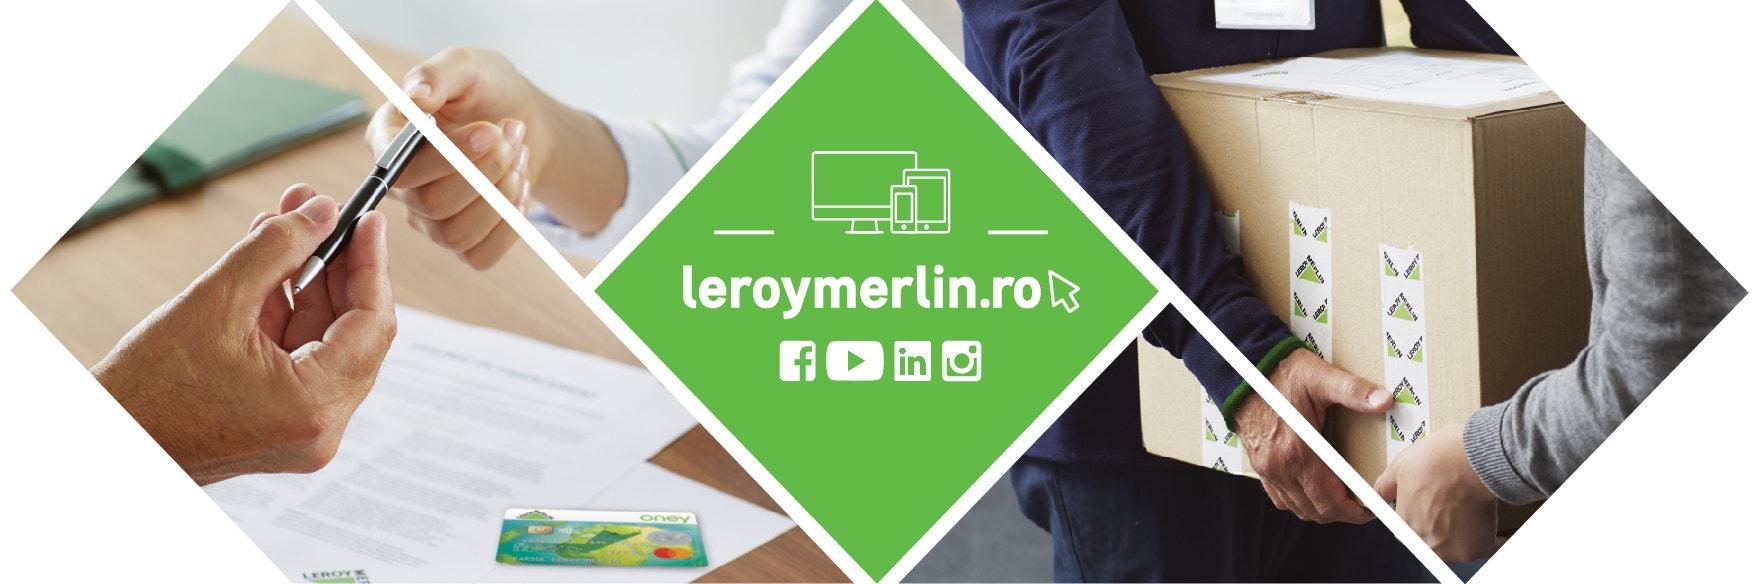 leroy merlin. Black Bedroom Furniture Sets. Home Design Ideas